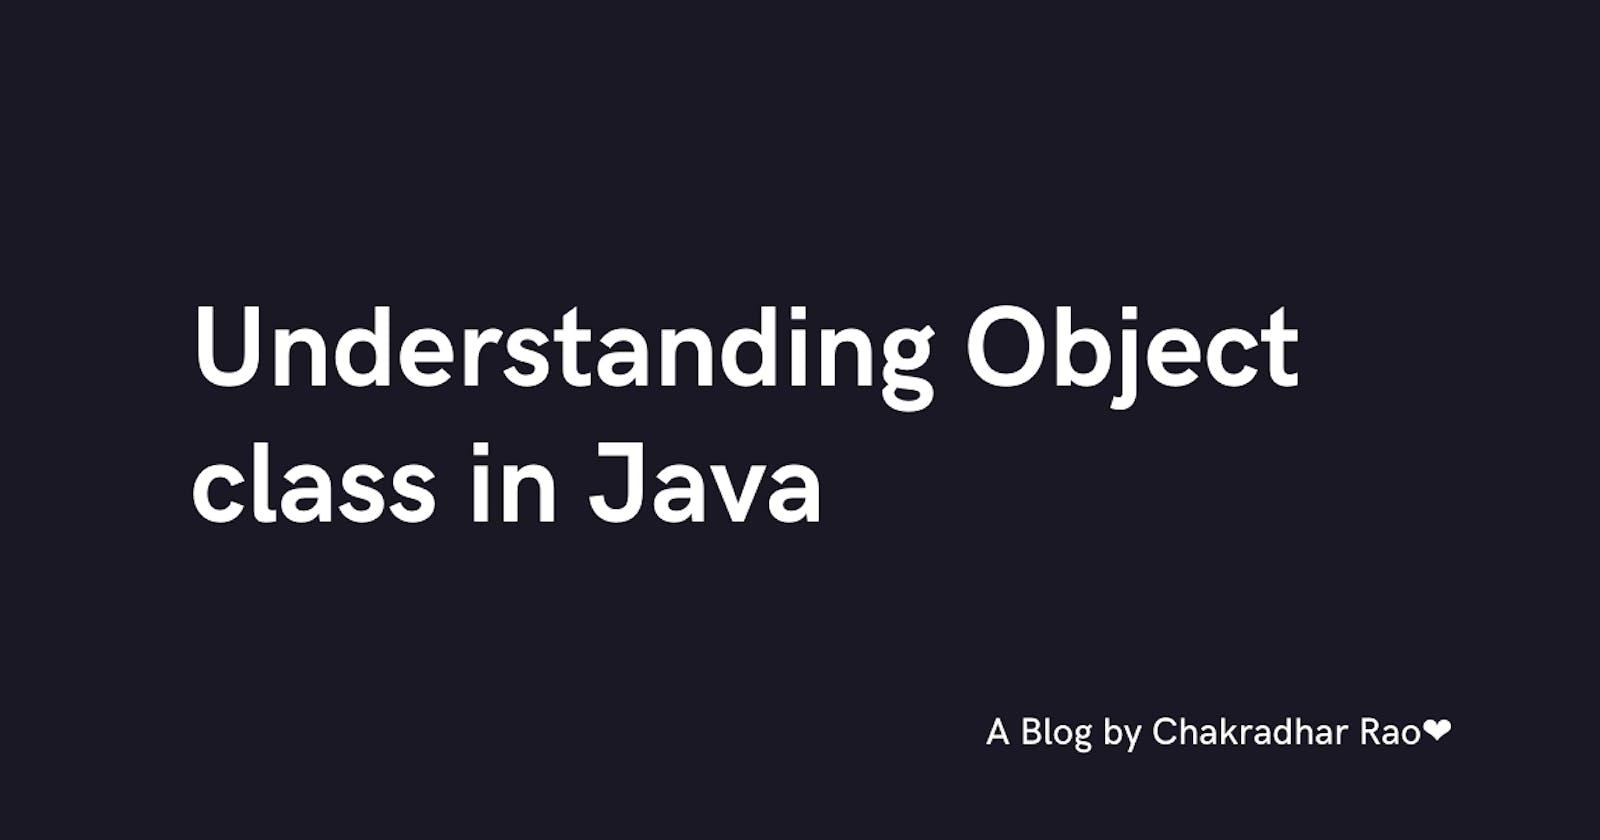 Understanding Object Class in Java